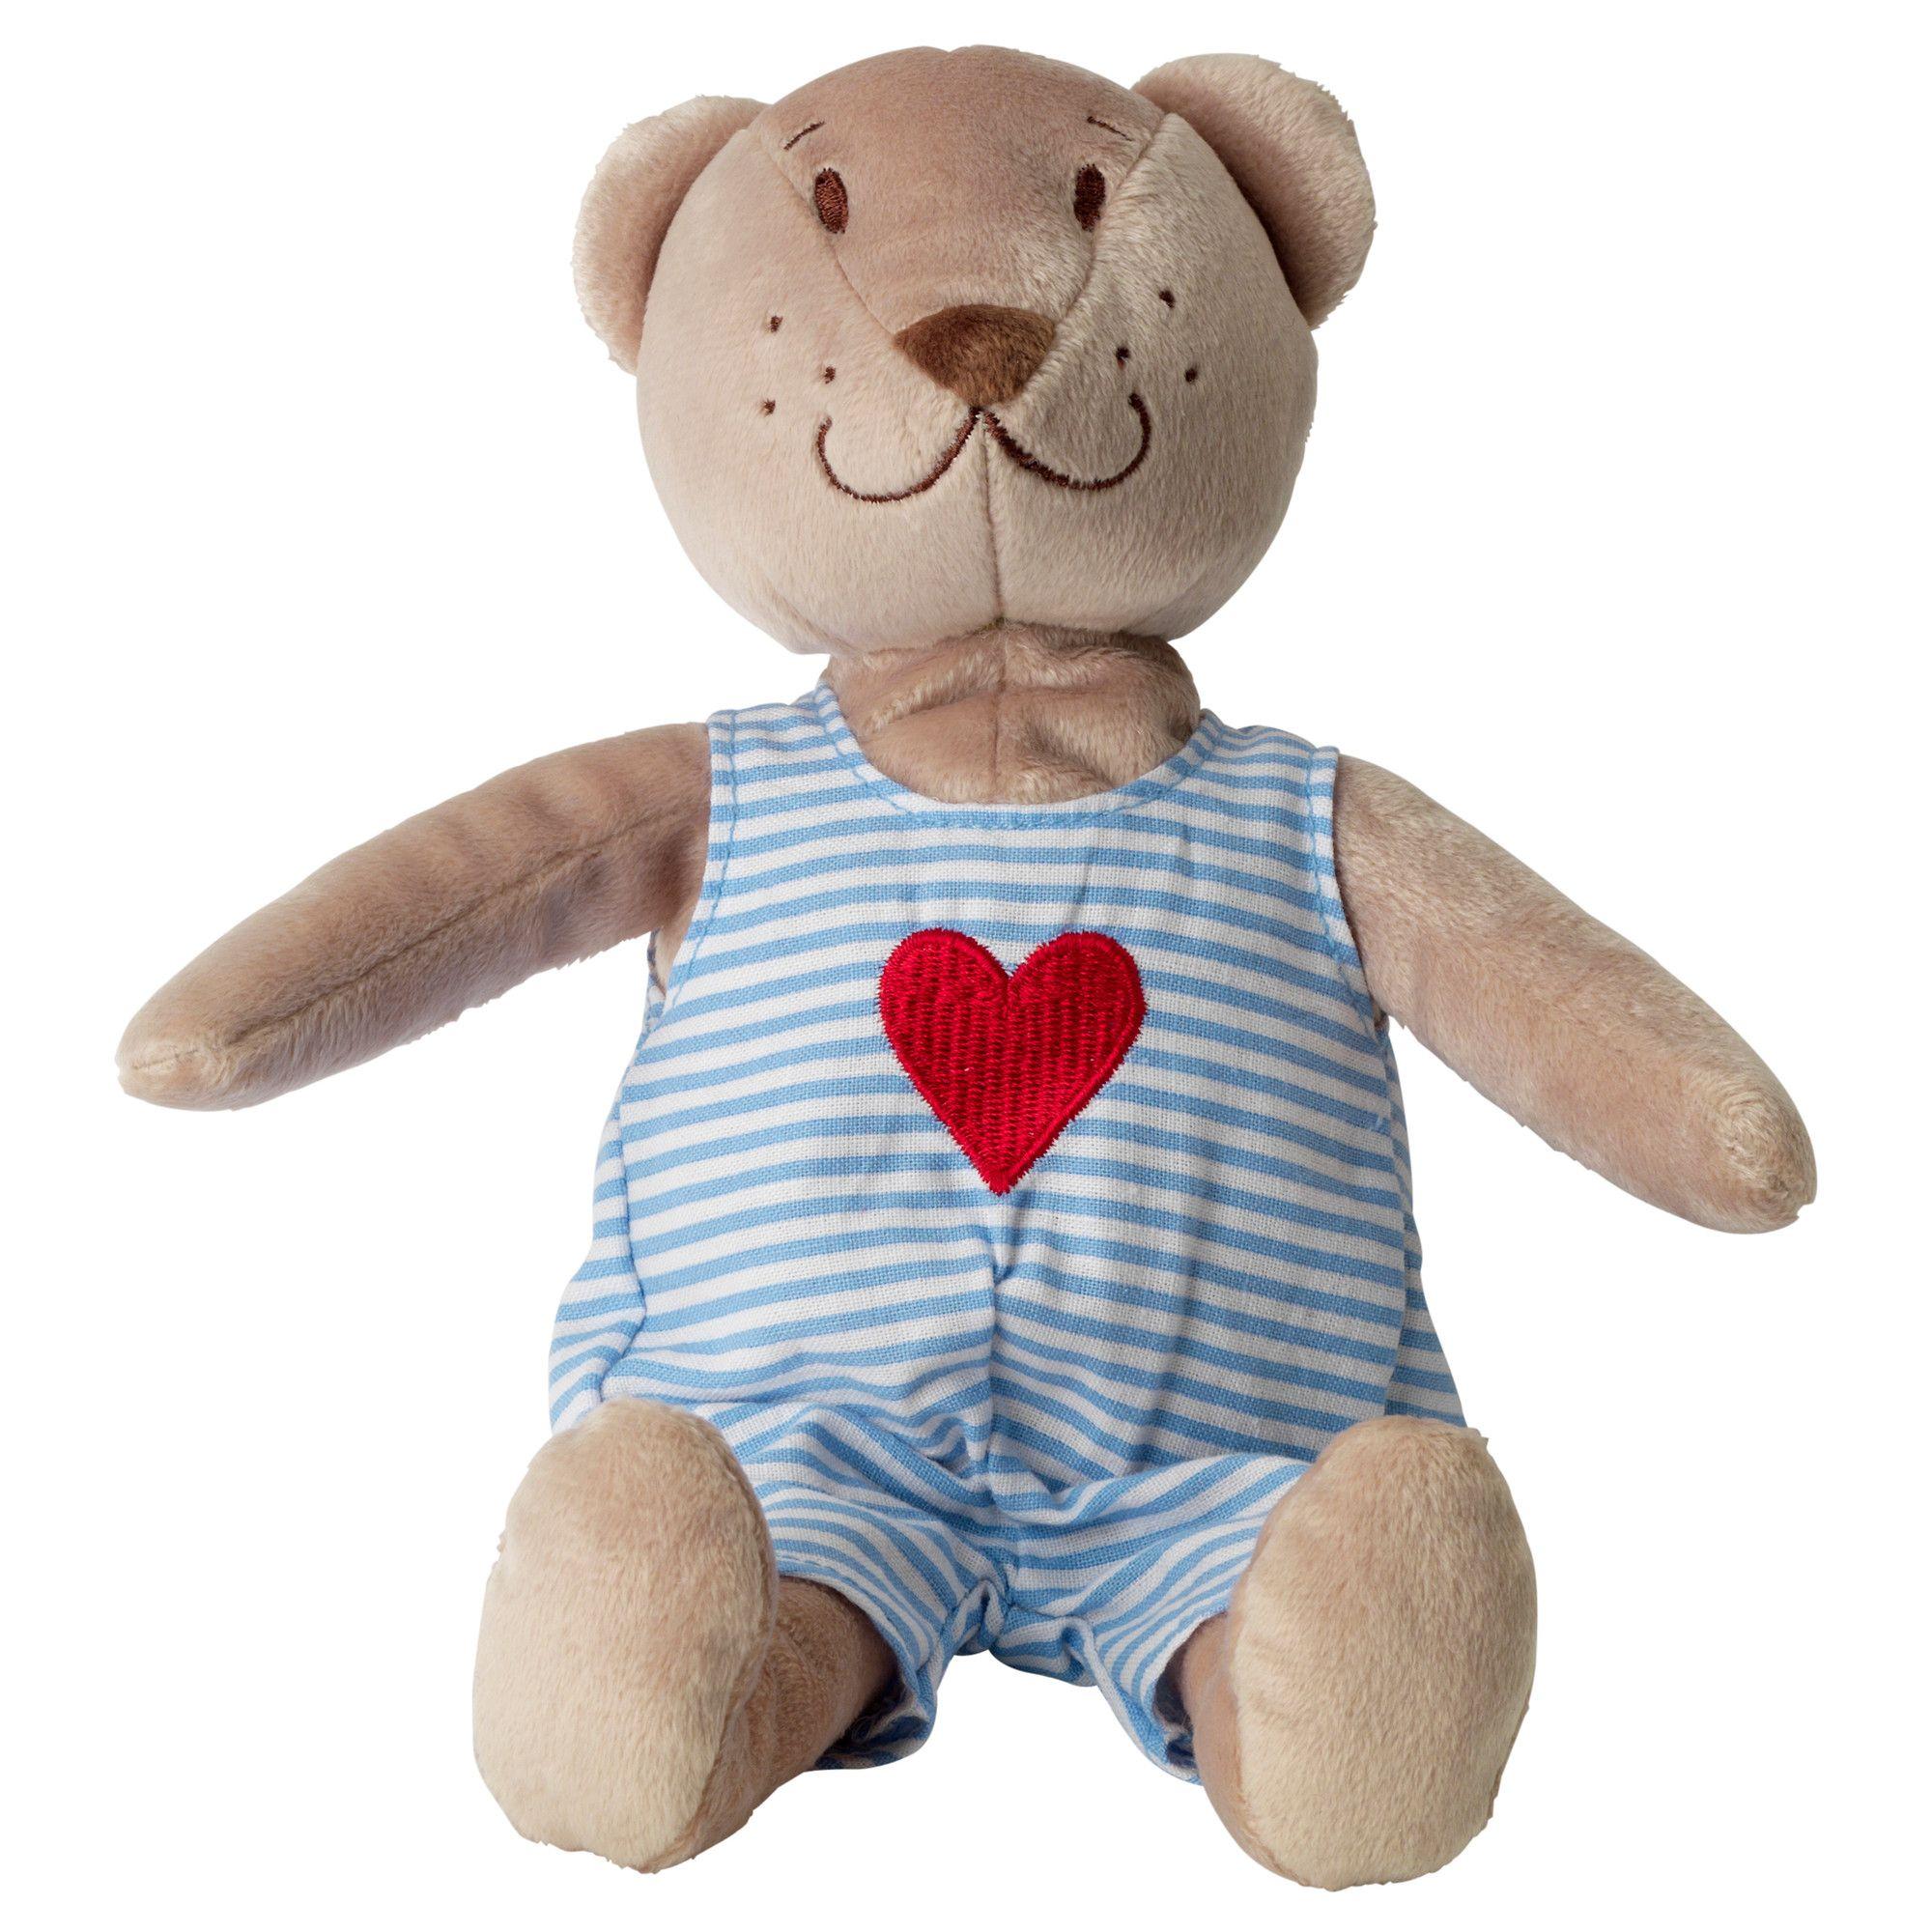 FABLER BJ–RN Soft toy Beige 21 cm